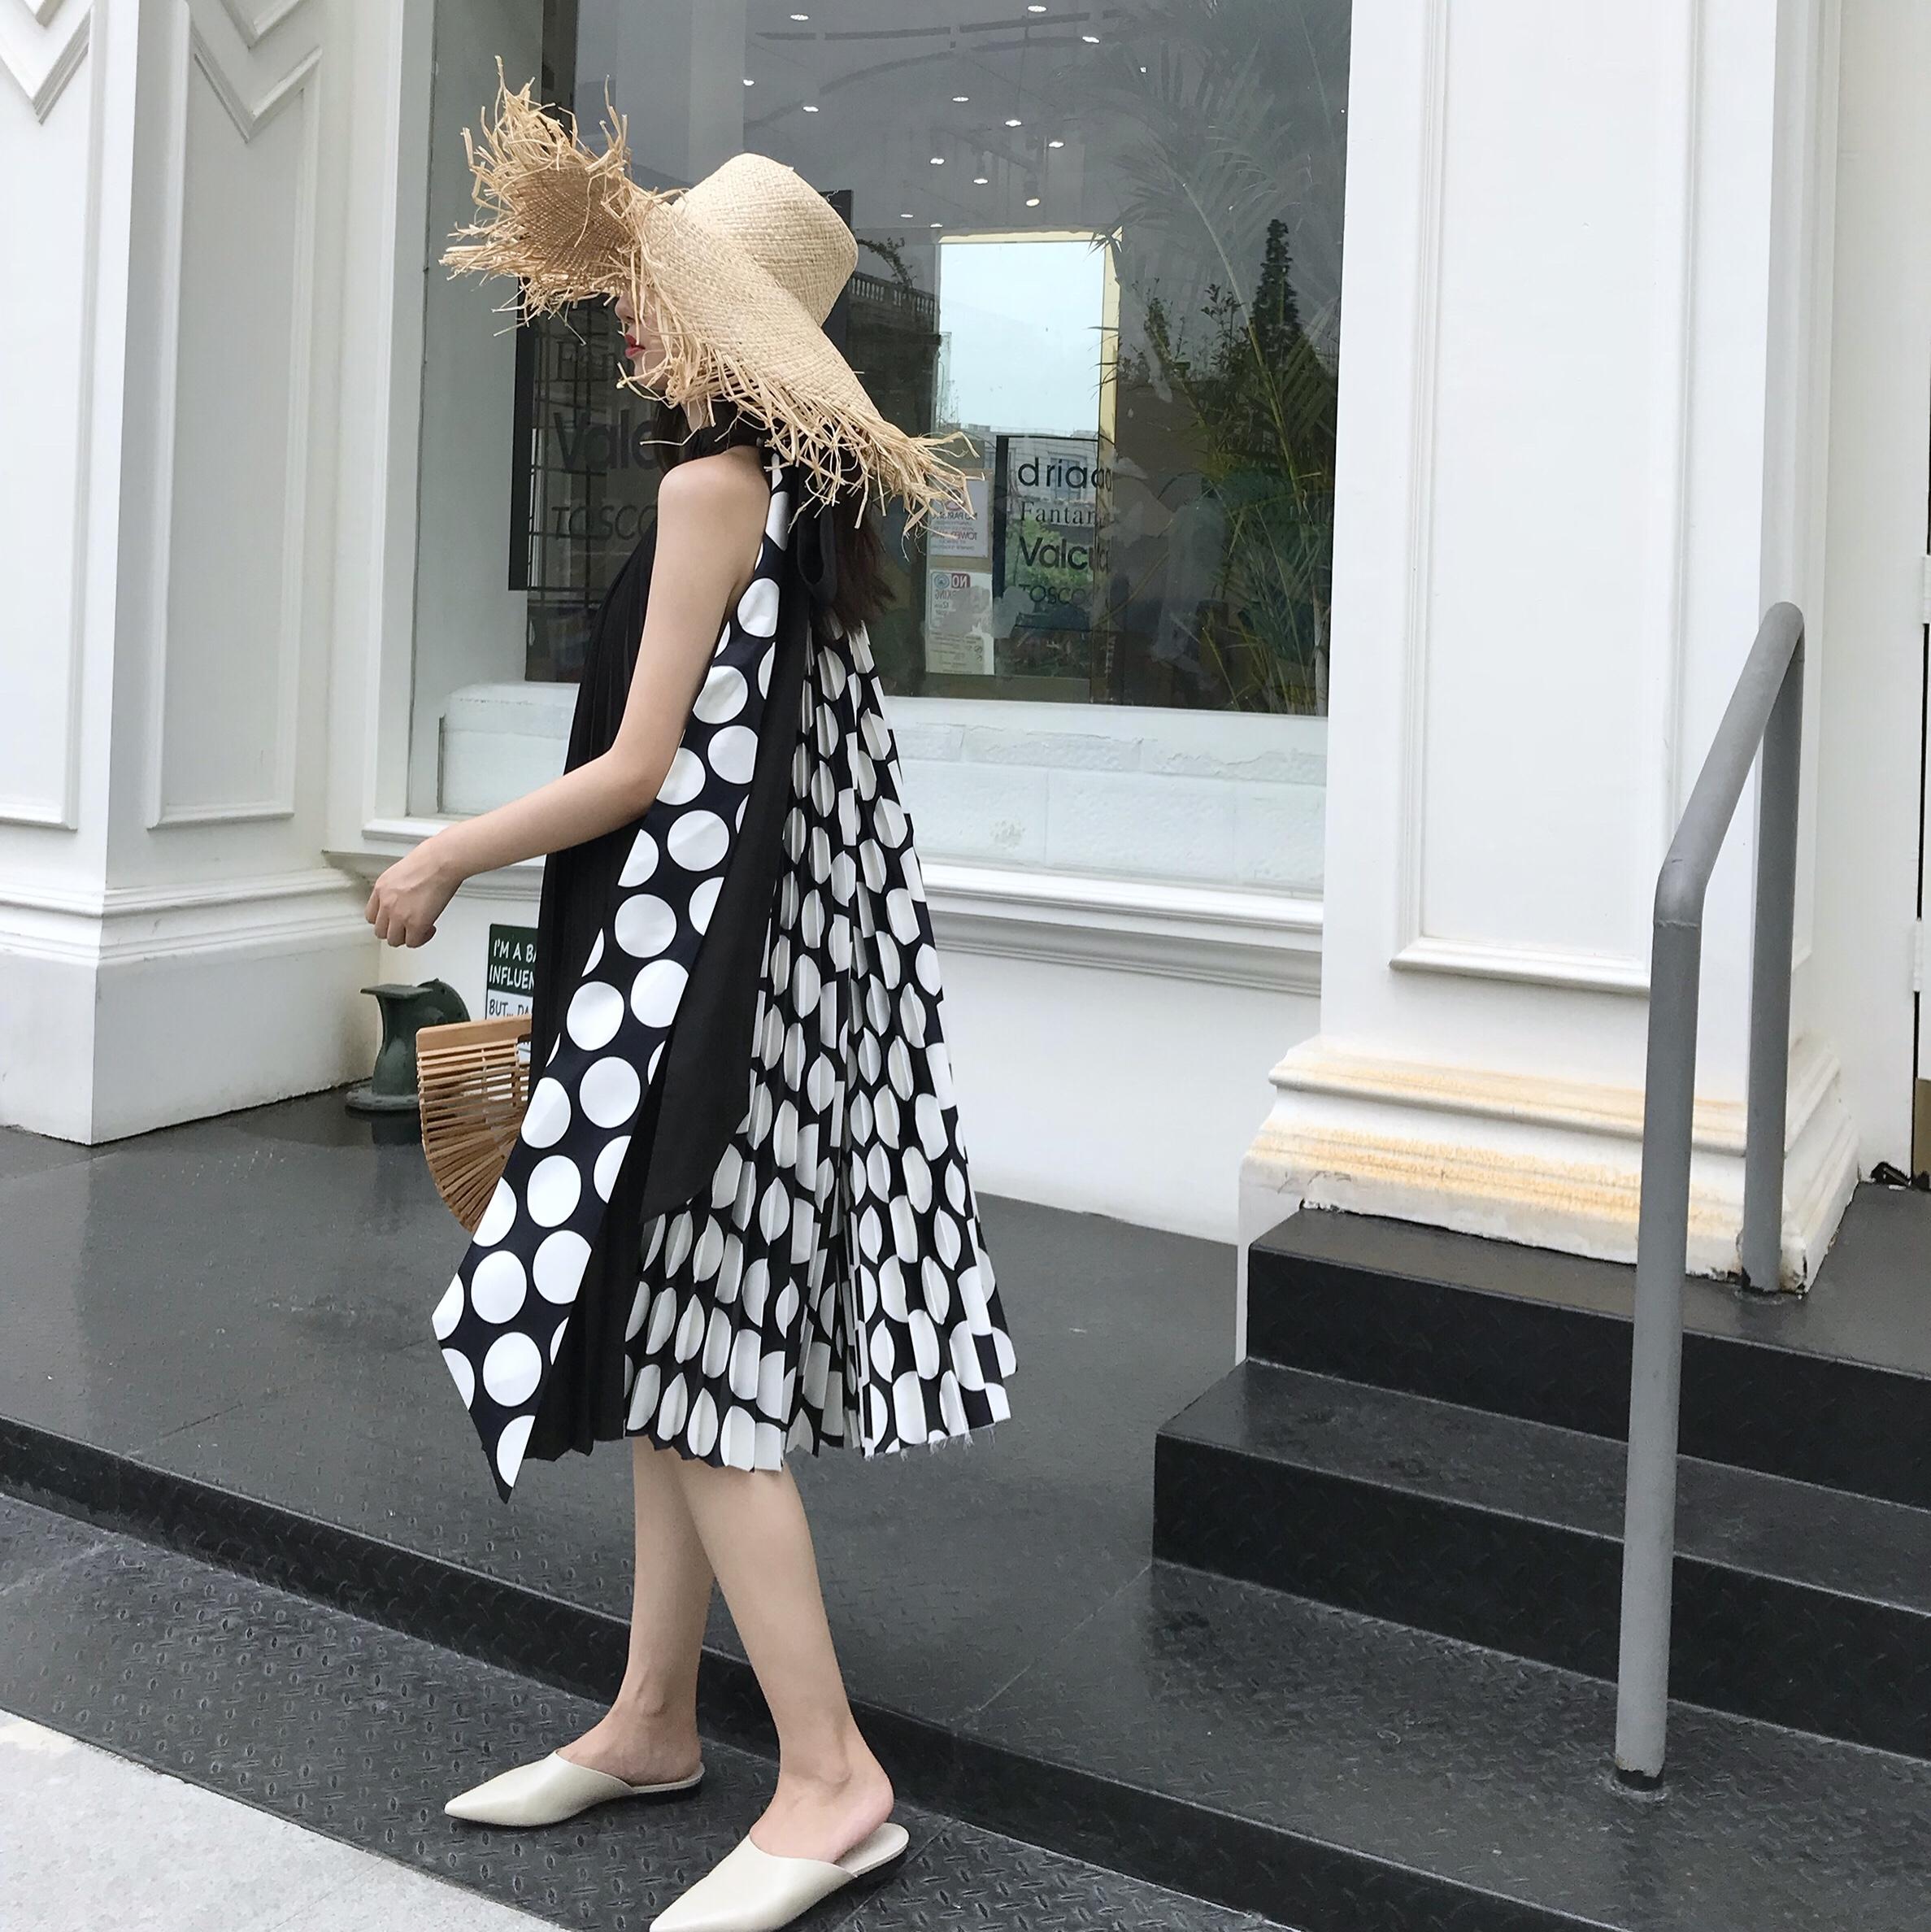 2018夏季新款两穿赫本风拼色百褶气质波点连衣裙黑色挂脖无袖裙子